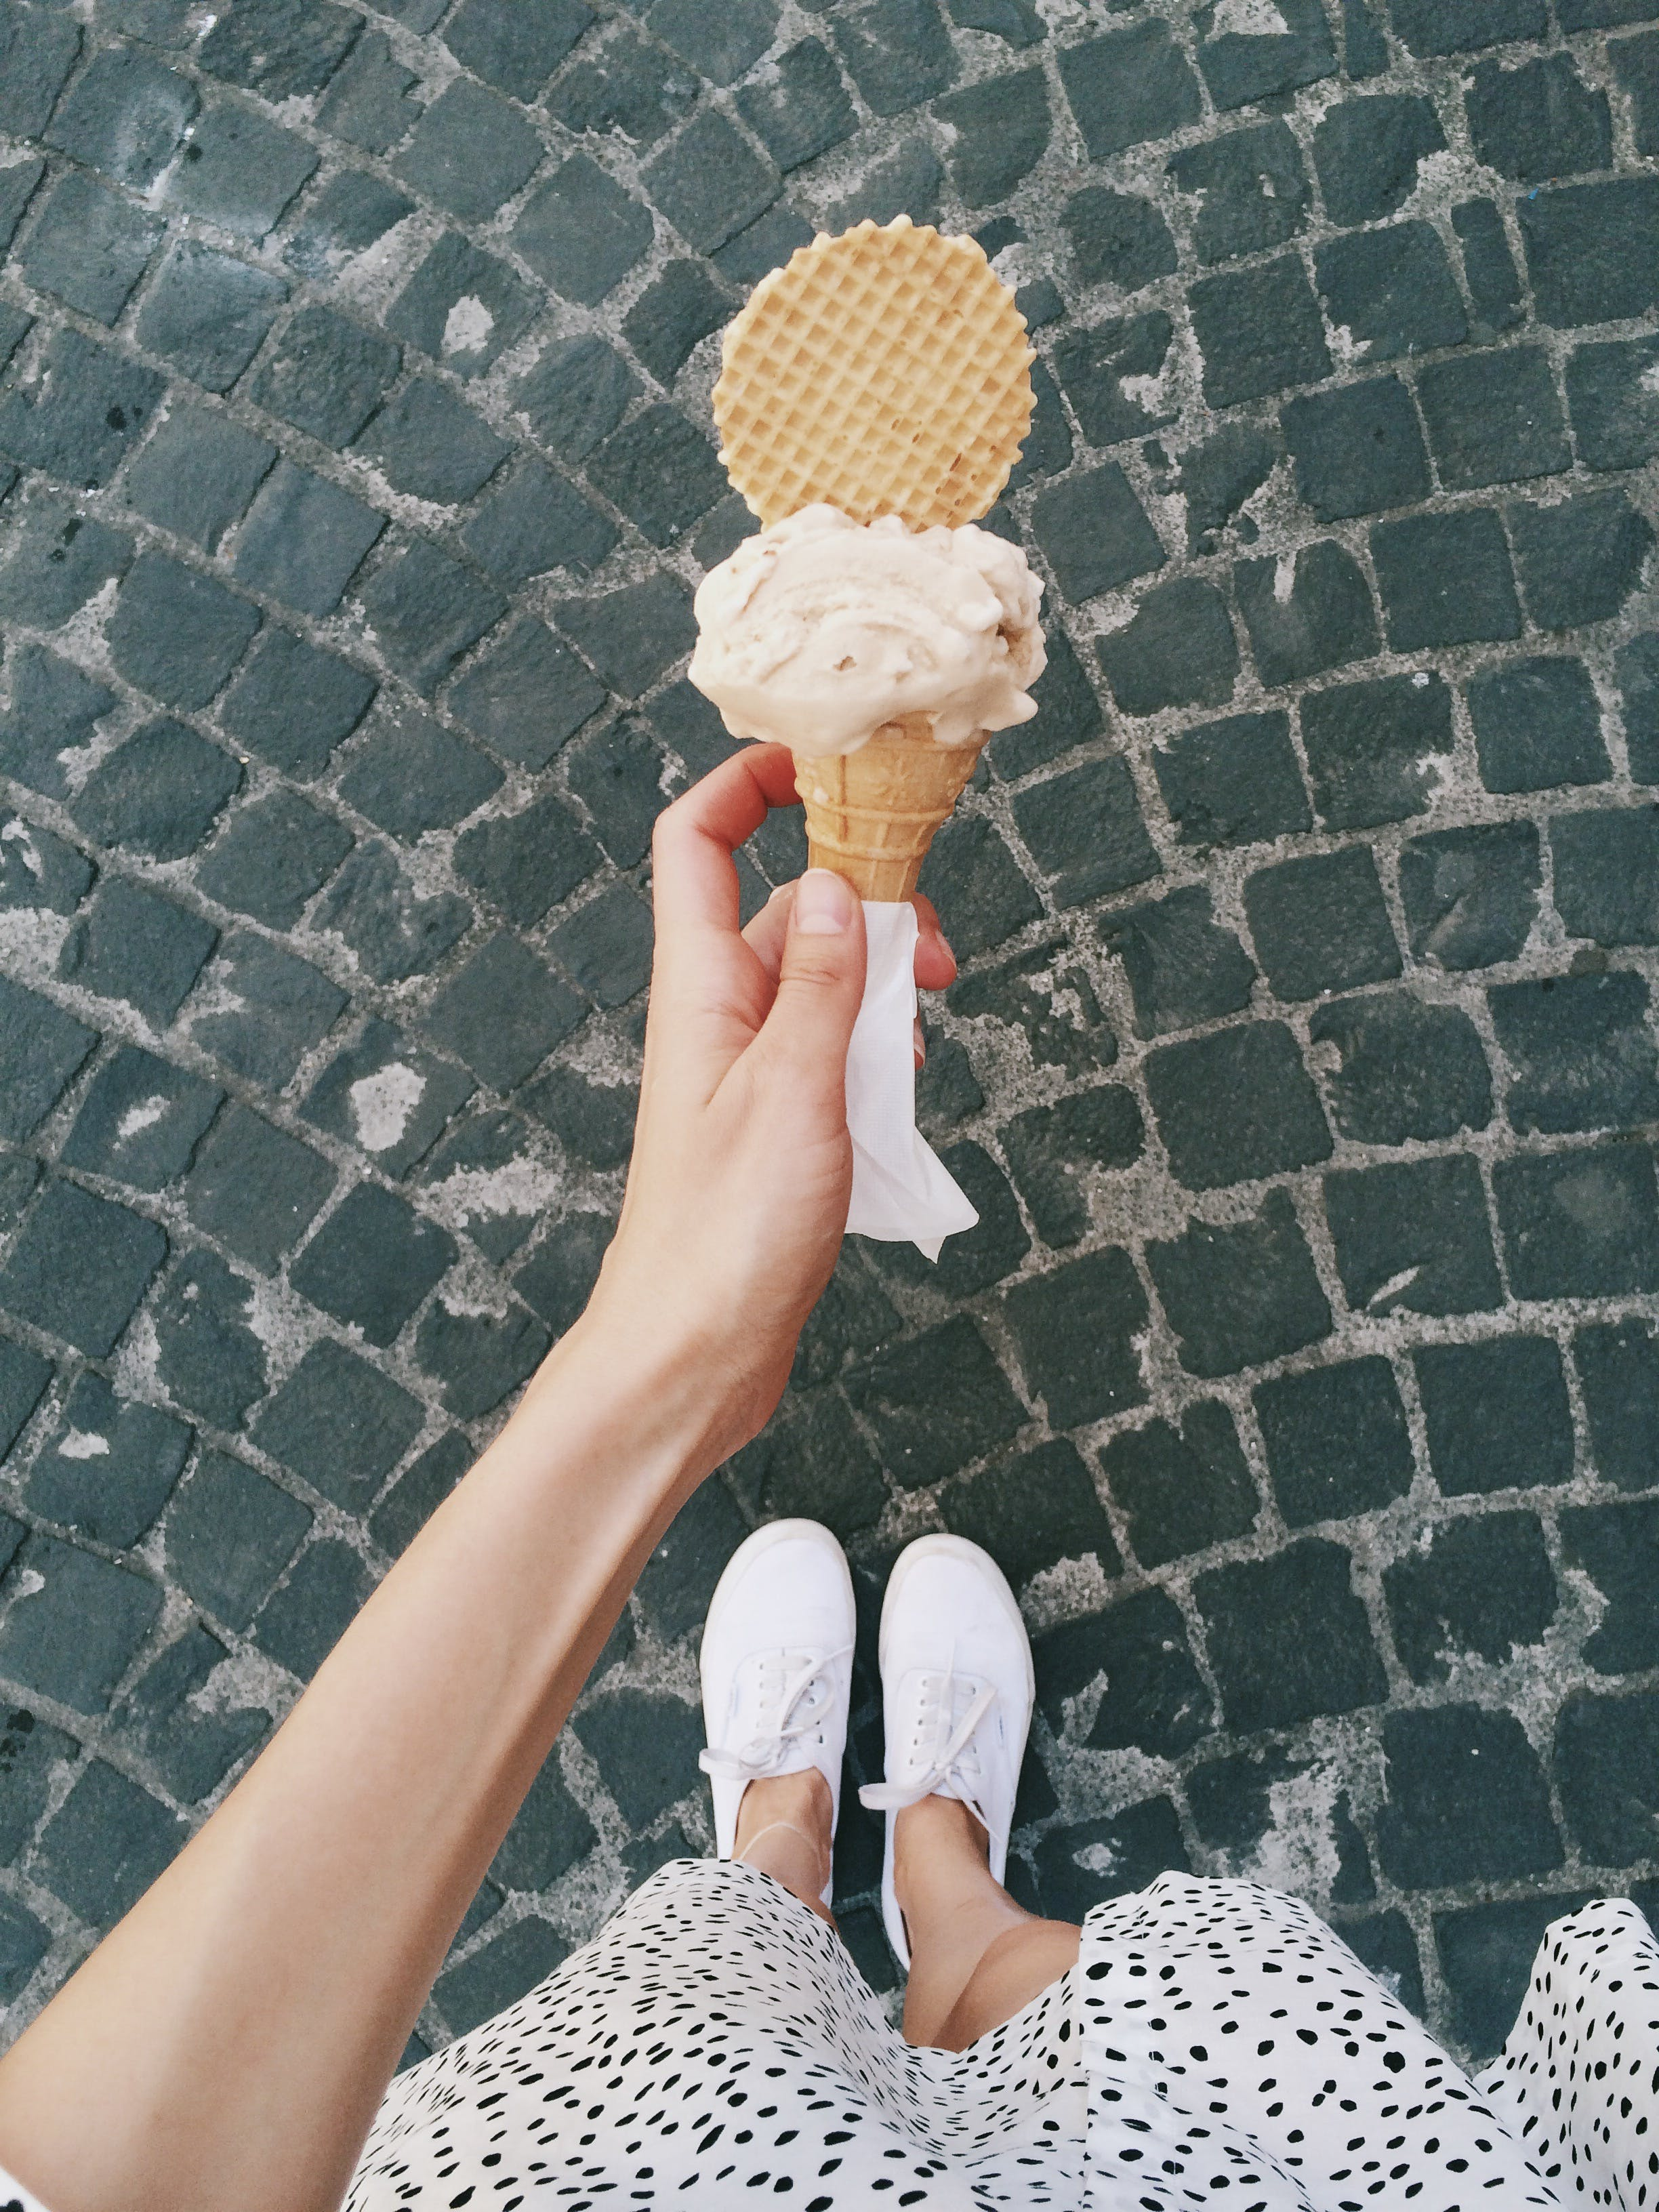 Person Holding Ice Cream in Cone